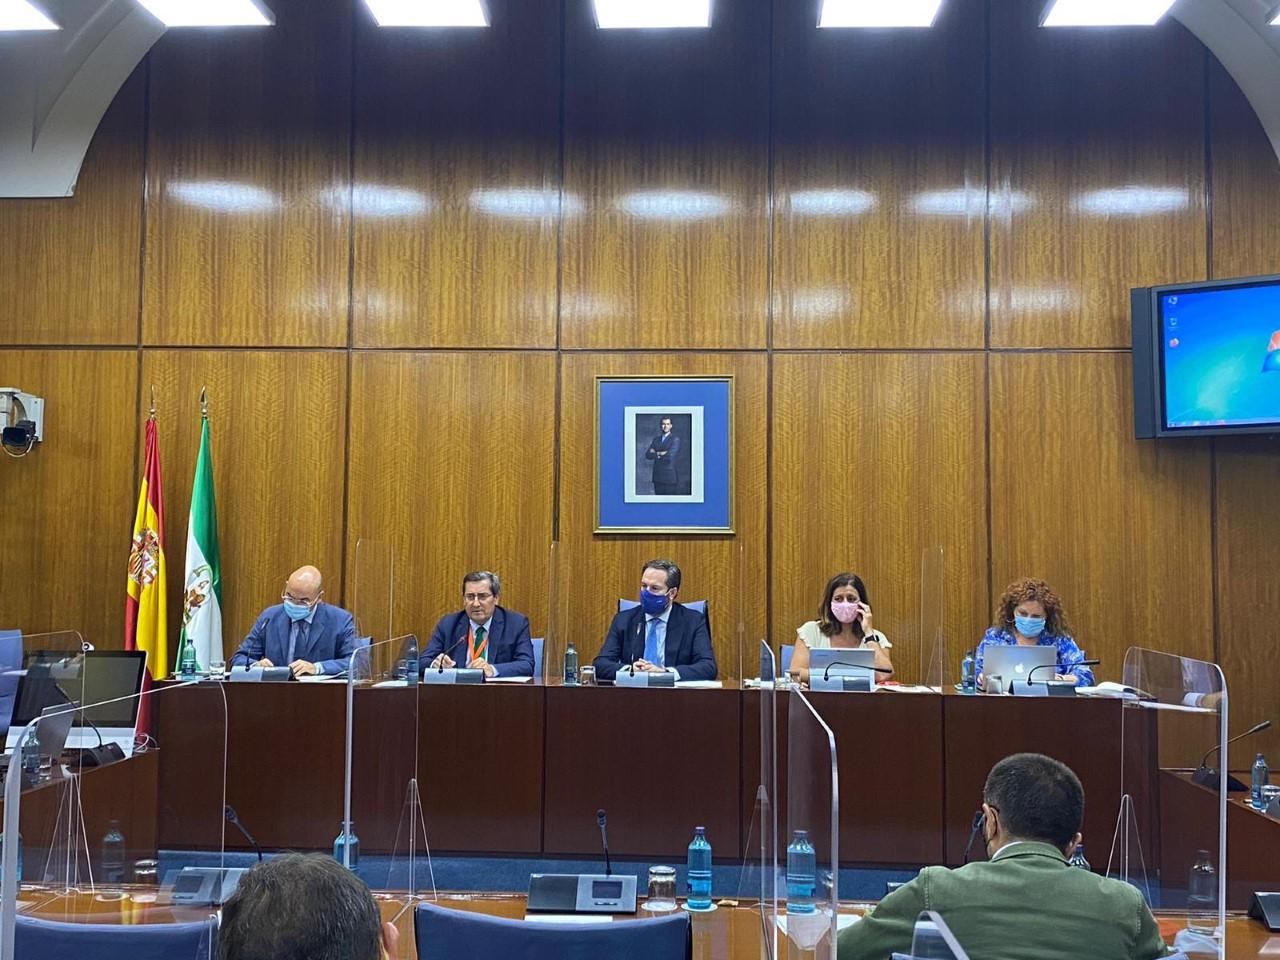 Entrena reivindica en el Parlamento andaluz el papel de las diputaciones contra la despoblación